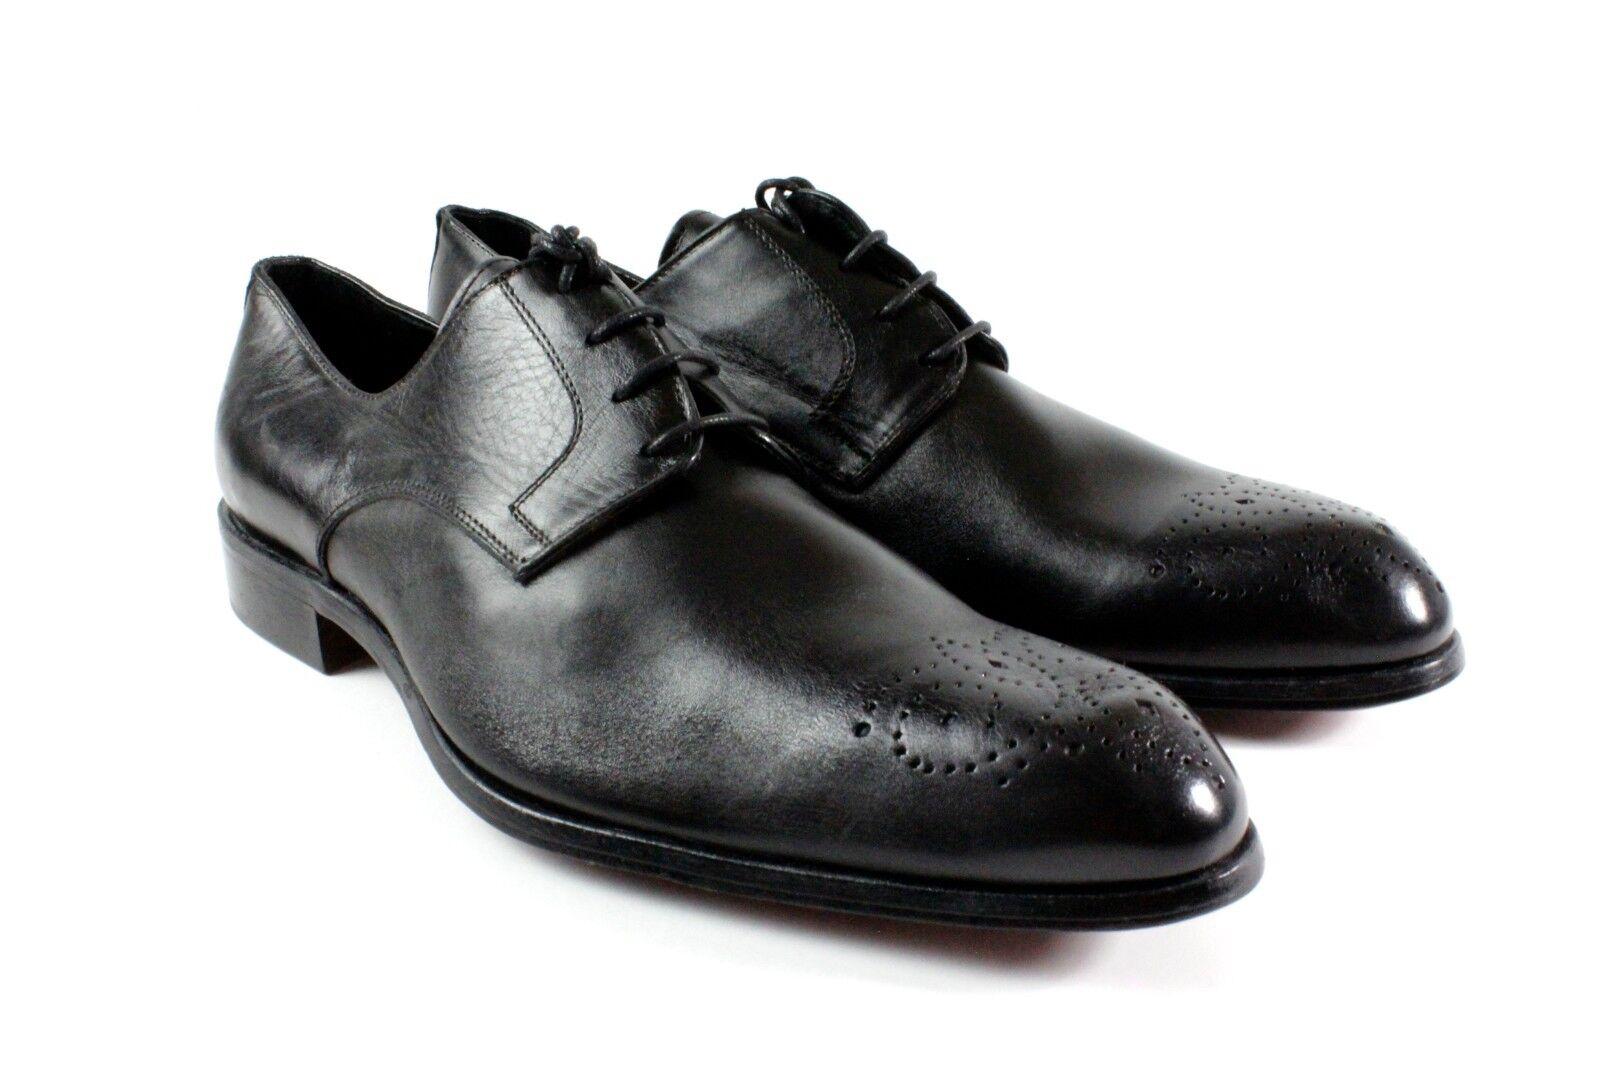 Noir Fait à la Main Cuir Italien chaussures Habillées Oxford chaussures Habillé